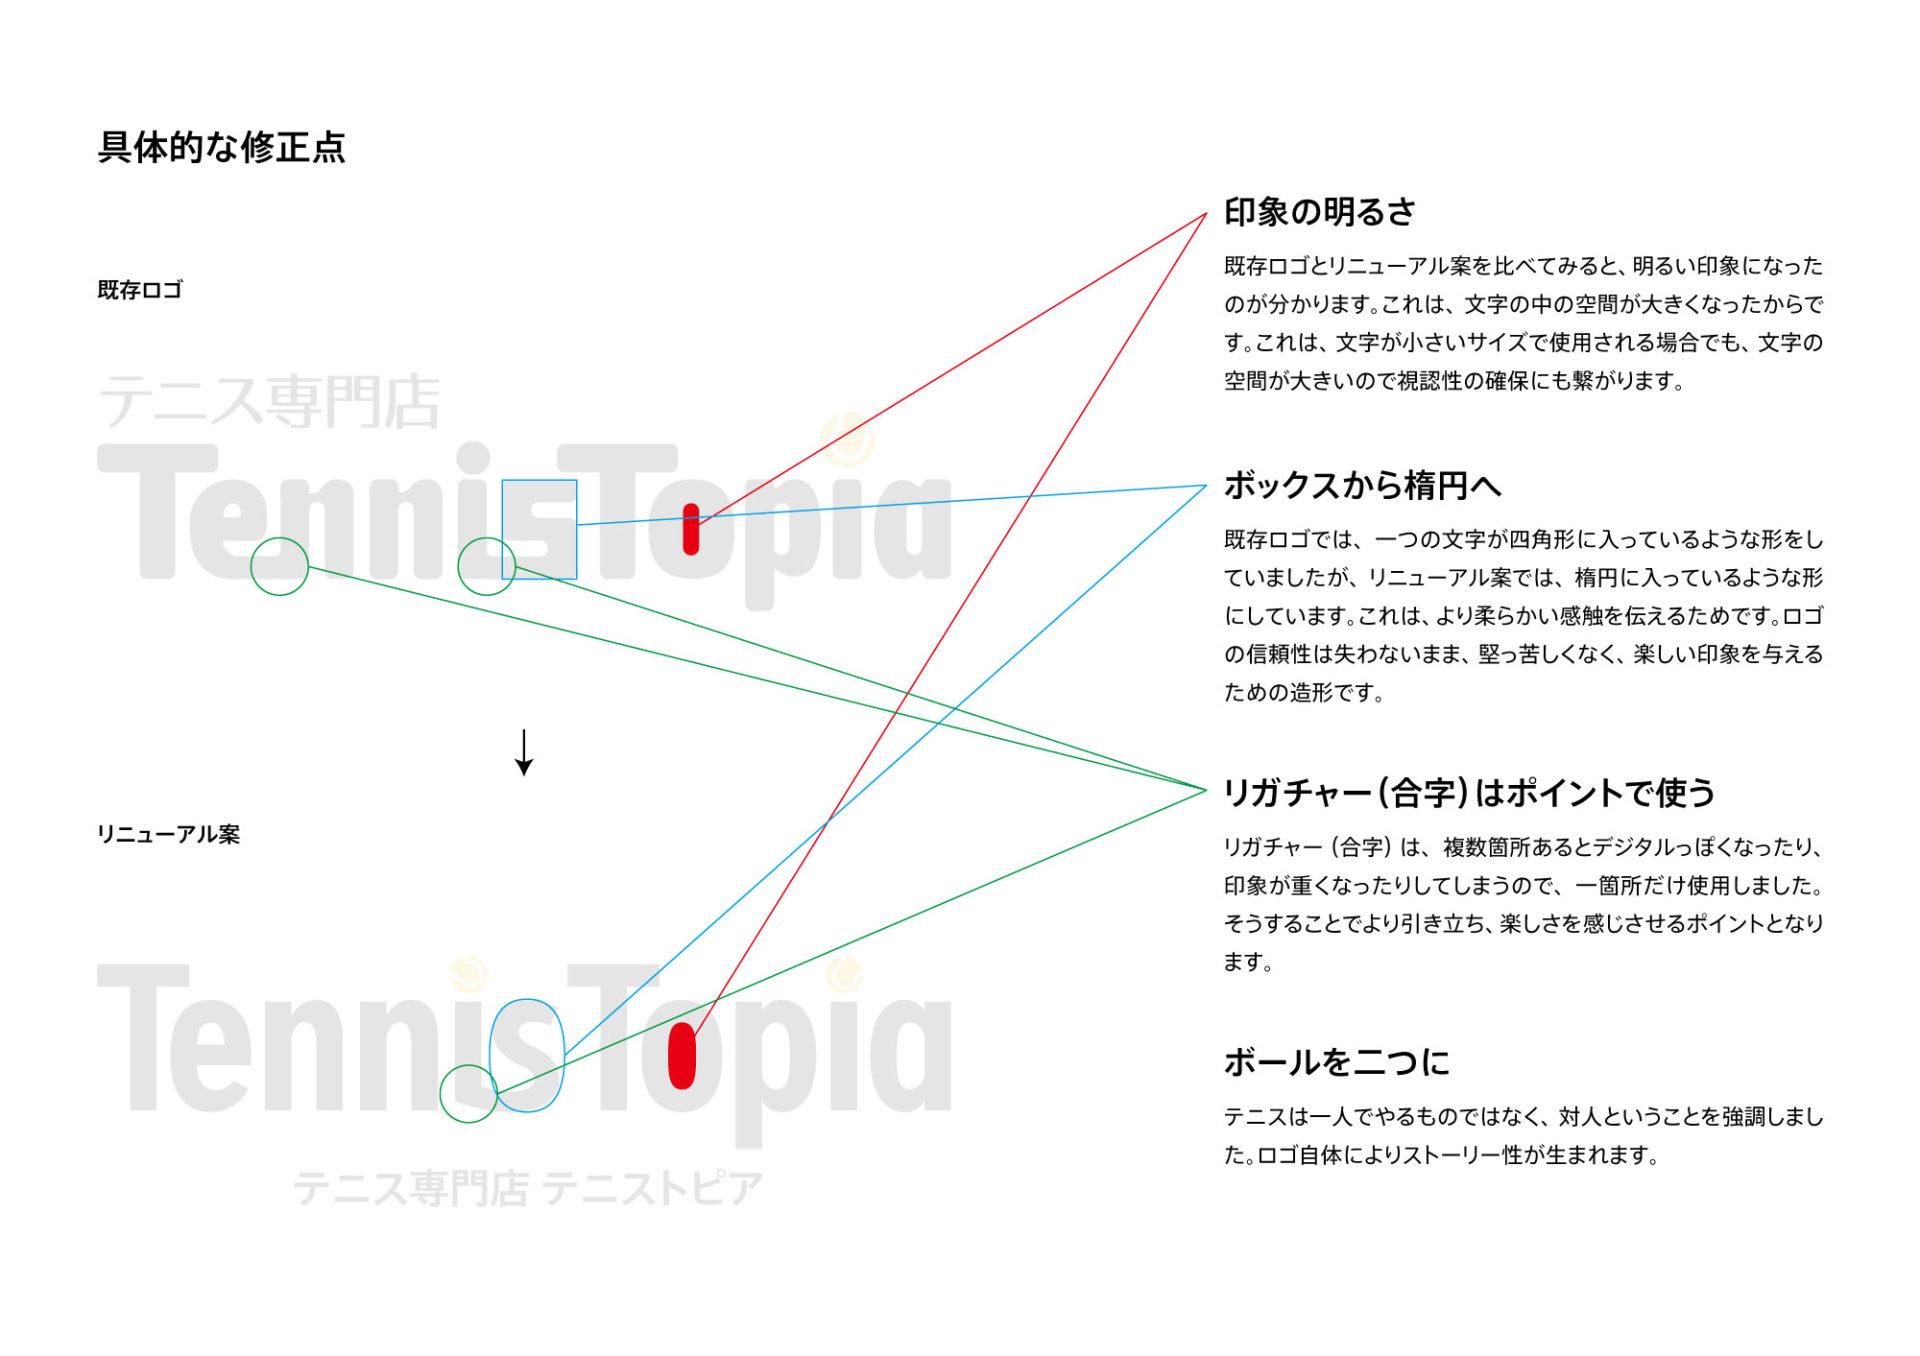 オリジナルフォントの詳細解説図